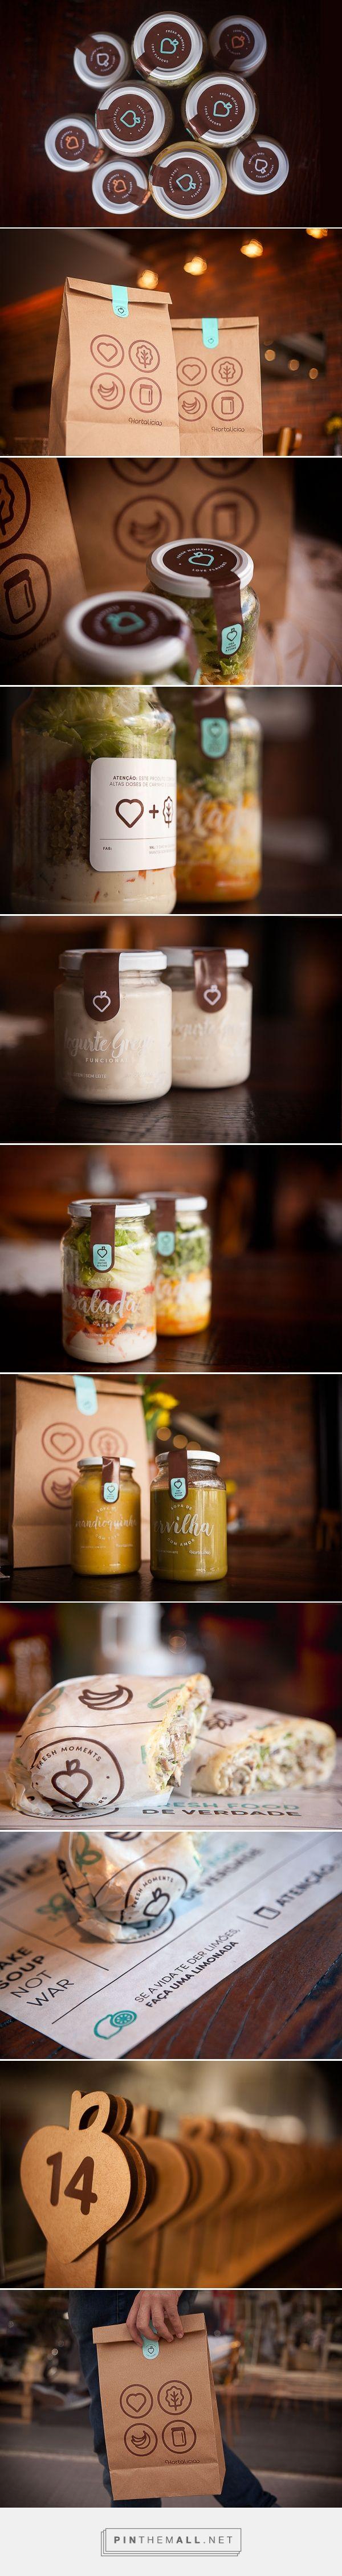 Hortalícia / food brand by Samuel Furtado, Vibri Design & Branding, Rodrigo…